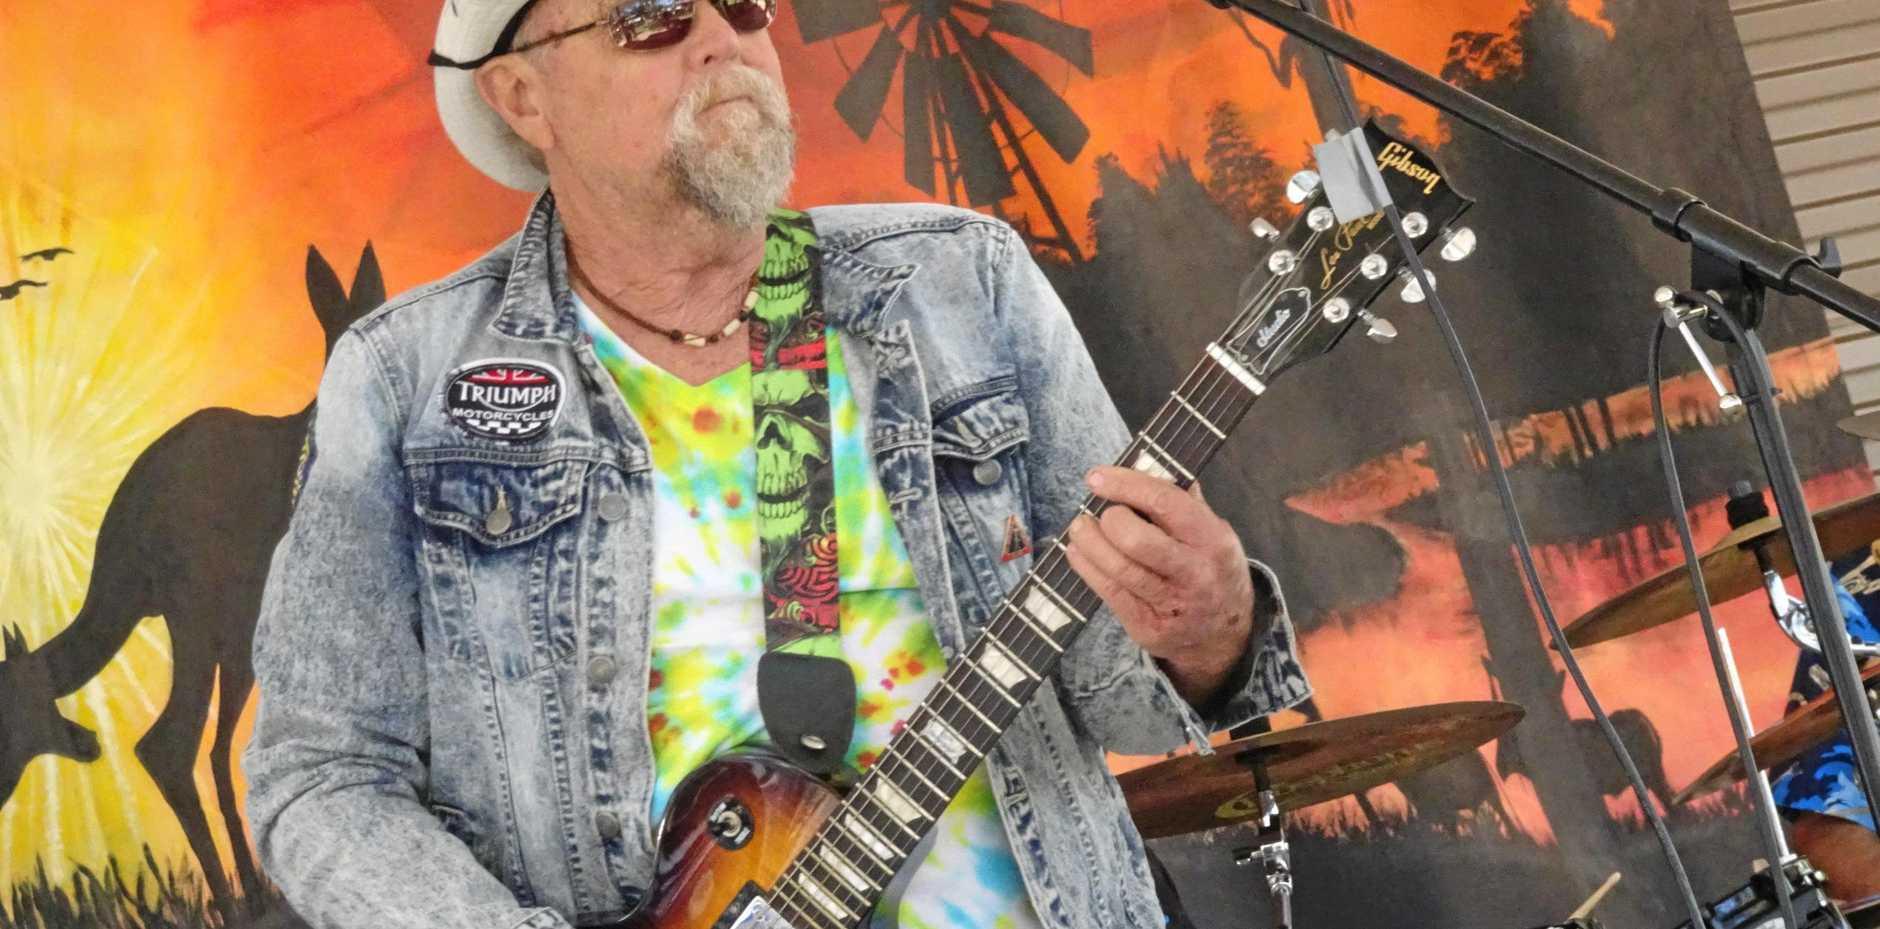 Fraser Coast musician George McLean lost his battle against kidney disease last year.